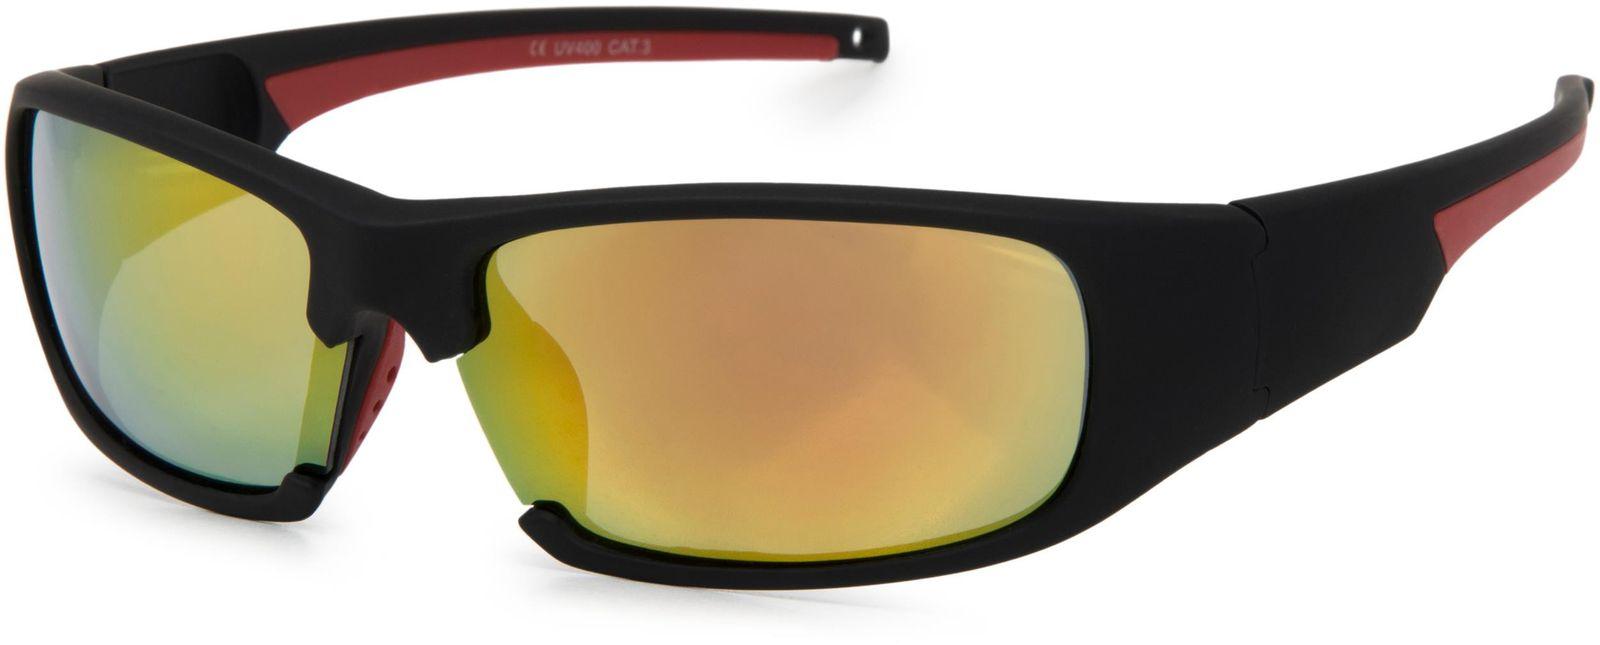 Verspiegelt GetöntVollrand Sonnenbrille Sportbrille Oder Sport RLjA54